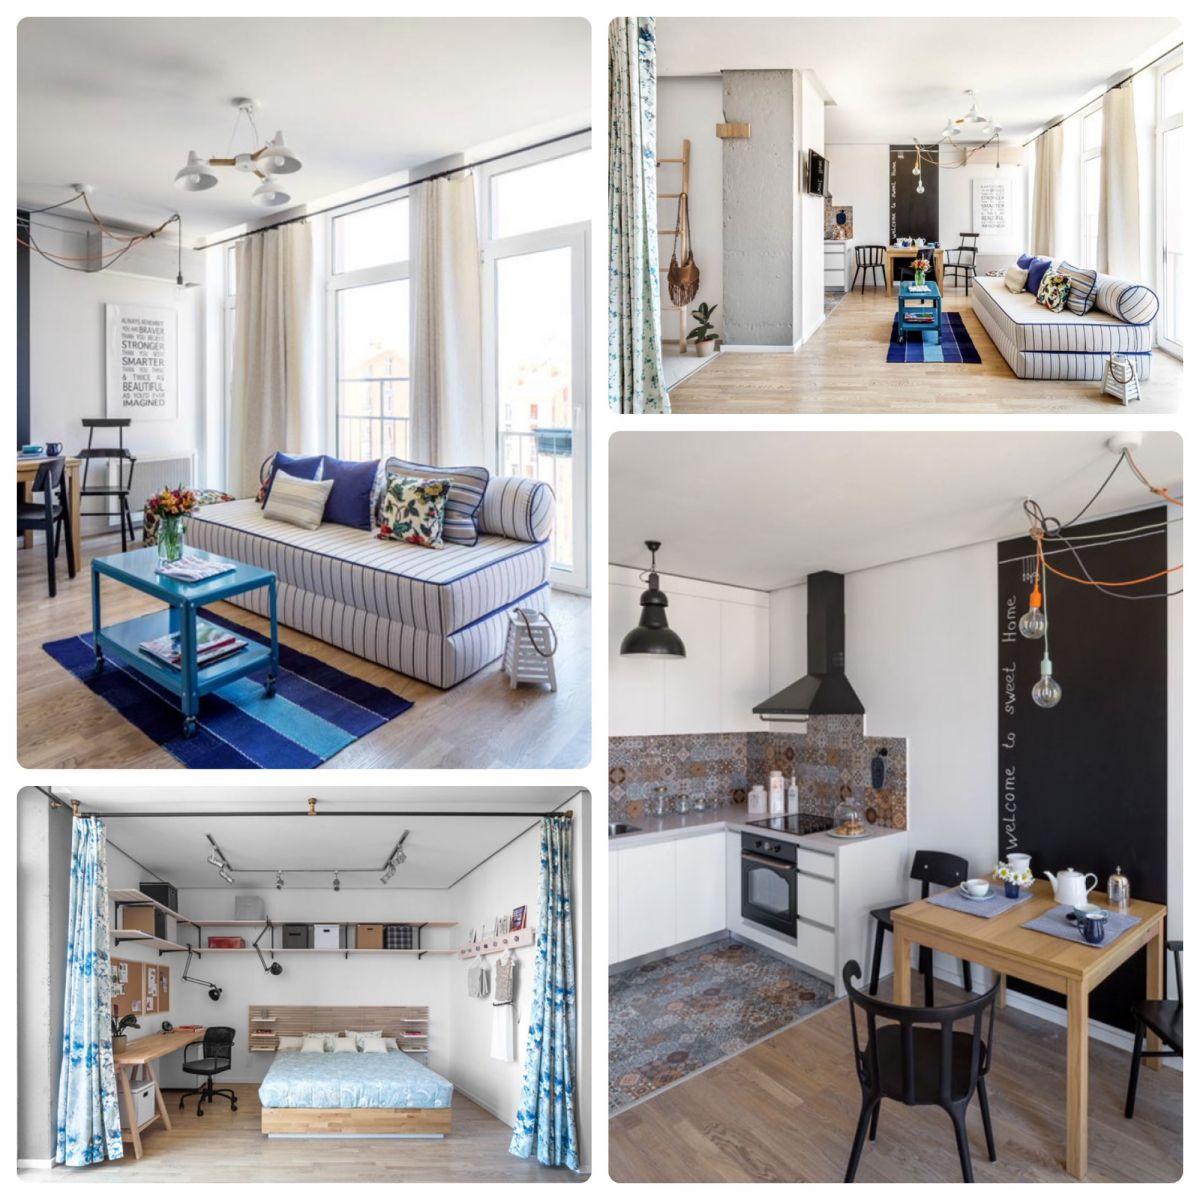 Интерьер квартиры в скандинавском стиле, практичный, но дорогой диван-матрас, светлый пол, огромные окна. Деревянная мебель и декоративные шторы закрывающие спальное место